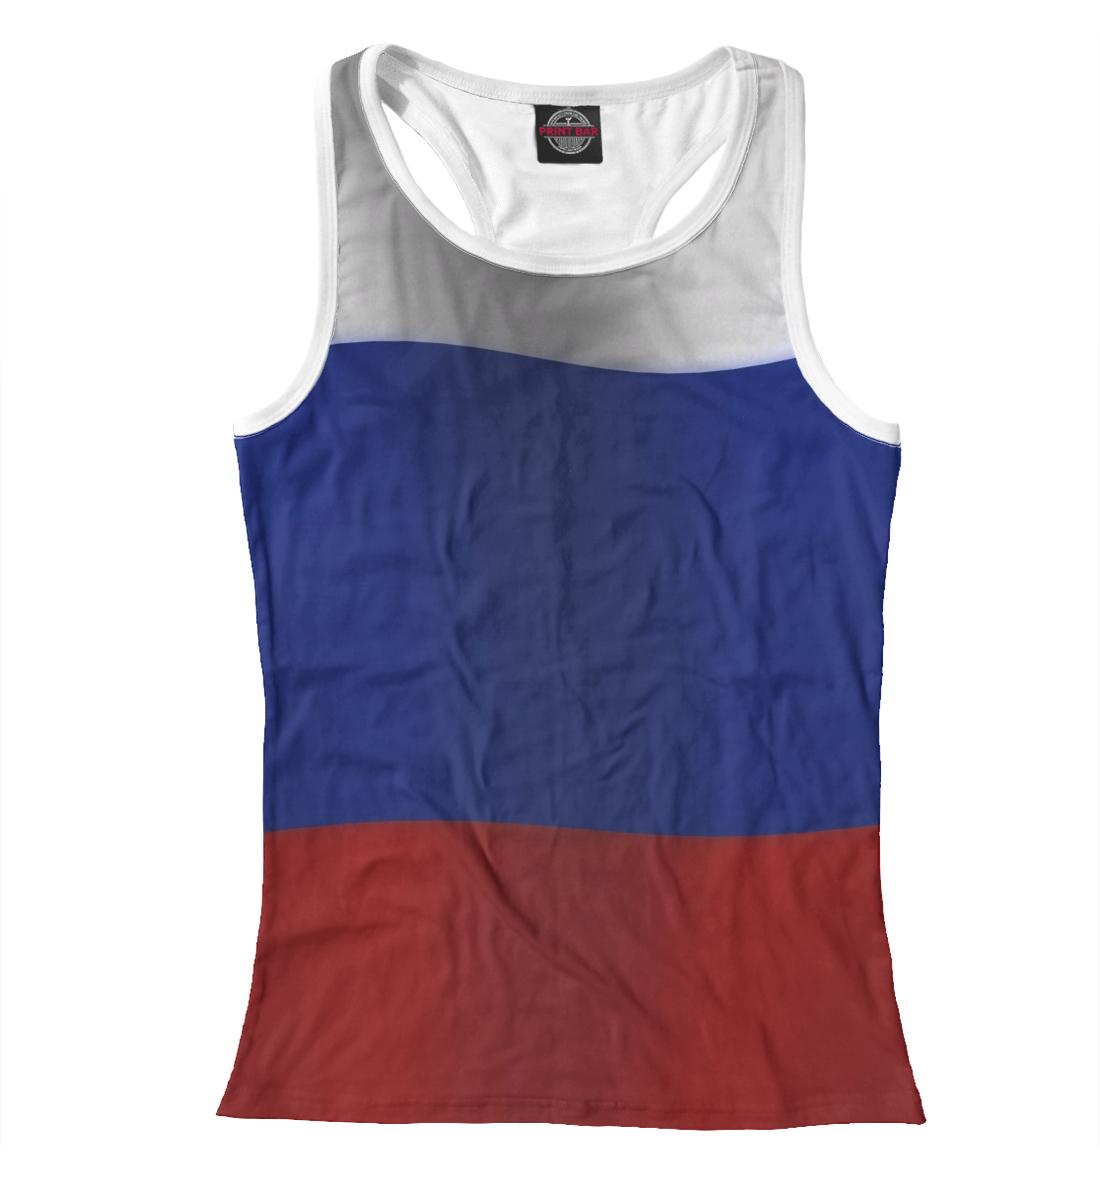 Купить Триколор, Printbar, Майки борцовки, VSY-106500-mayb-1